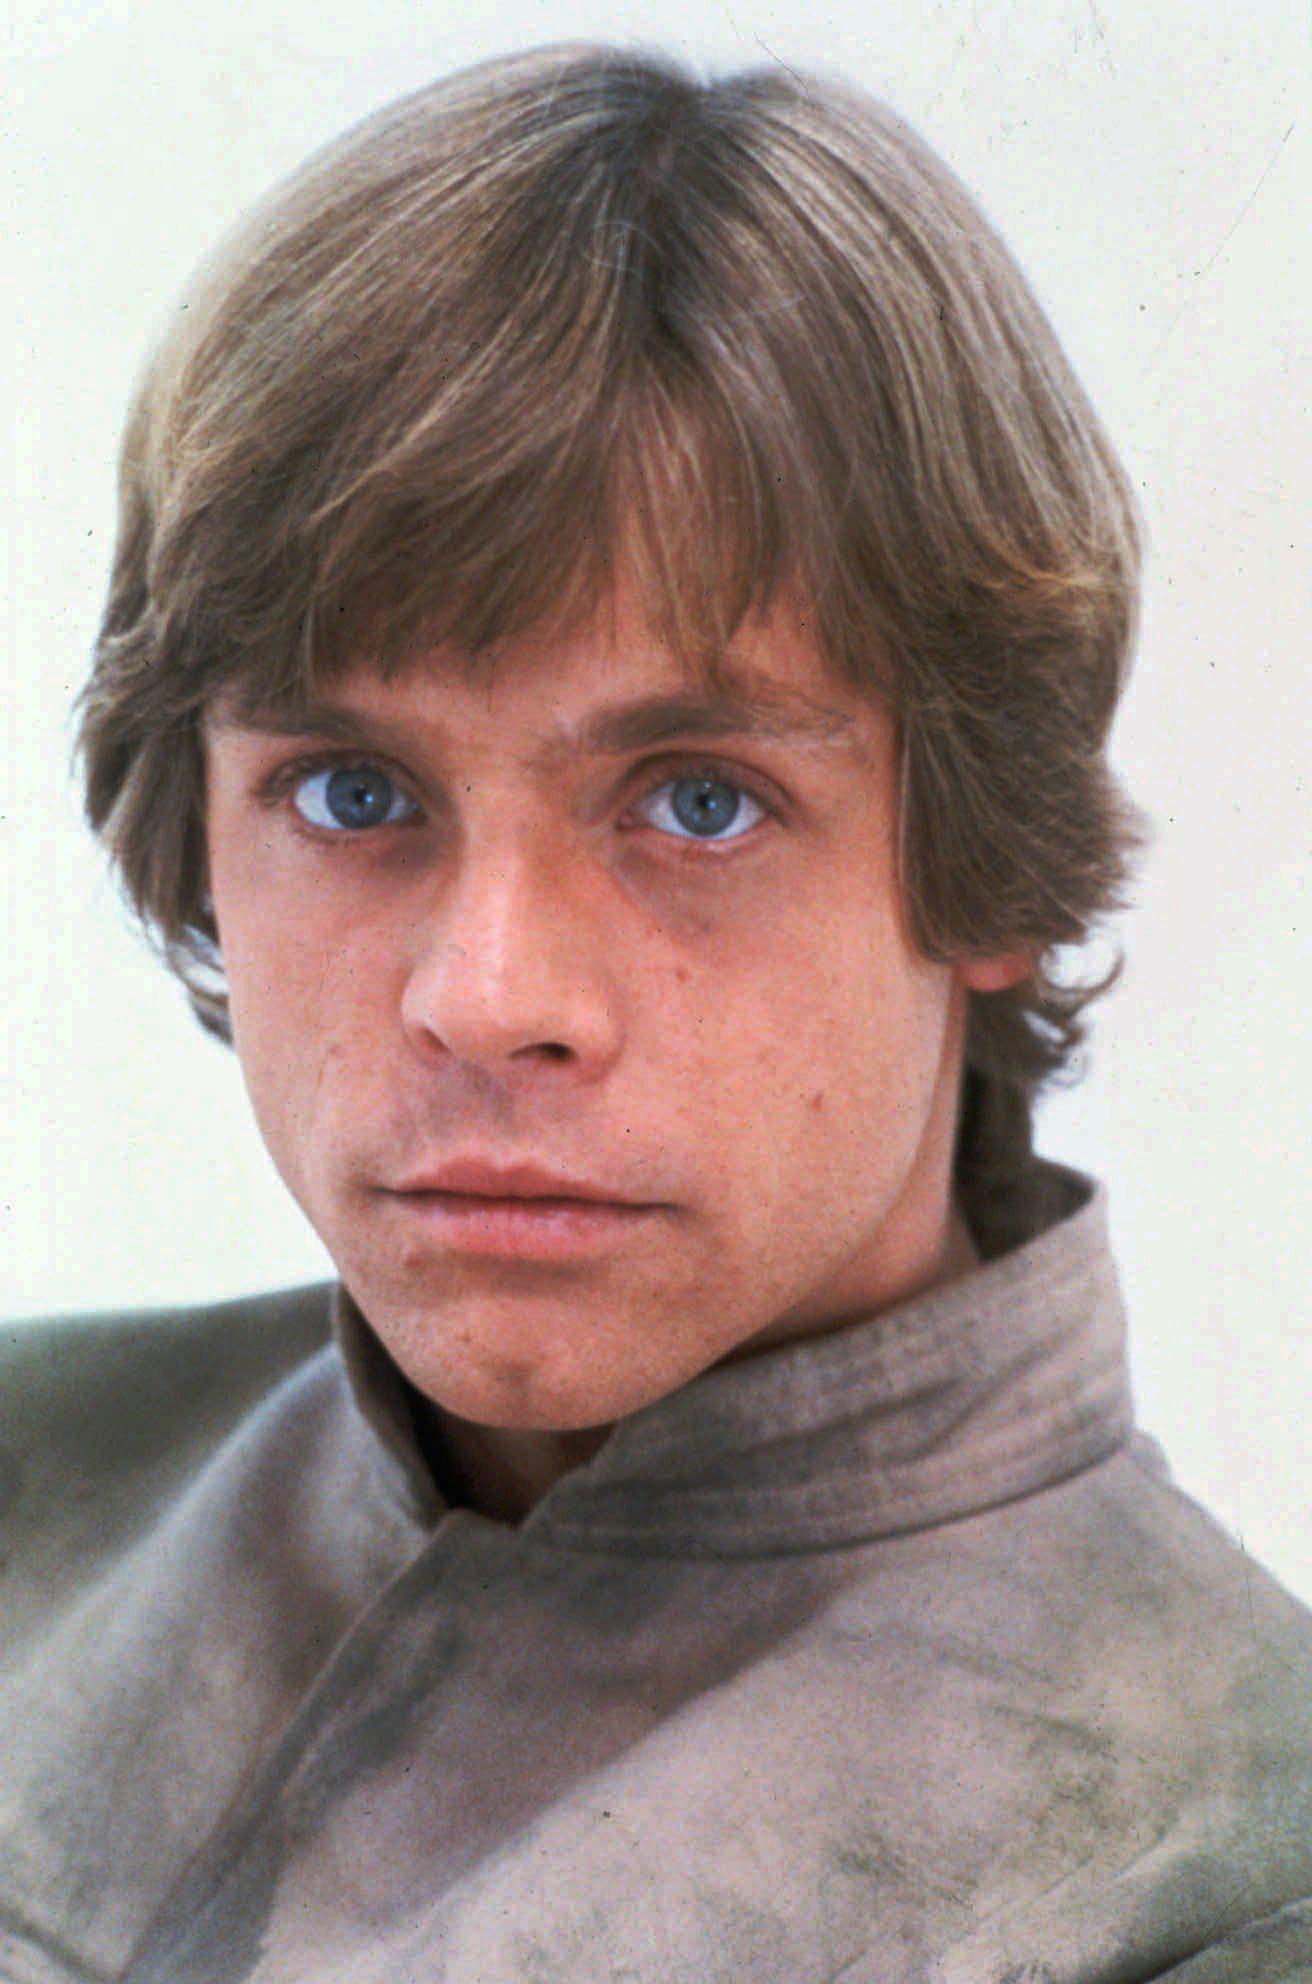 Luke hamill porn star